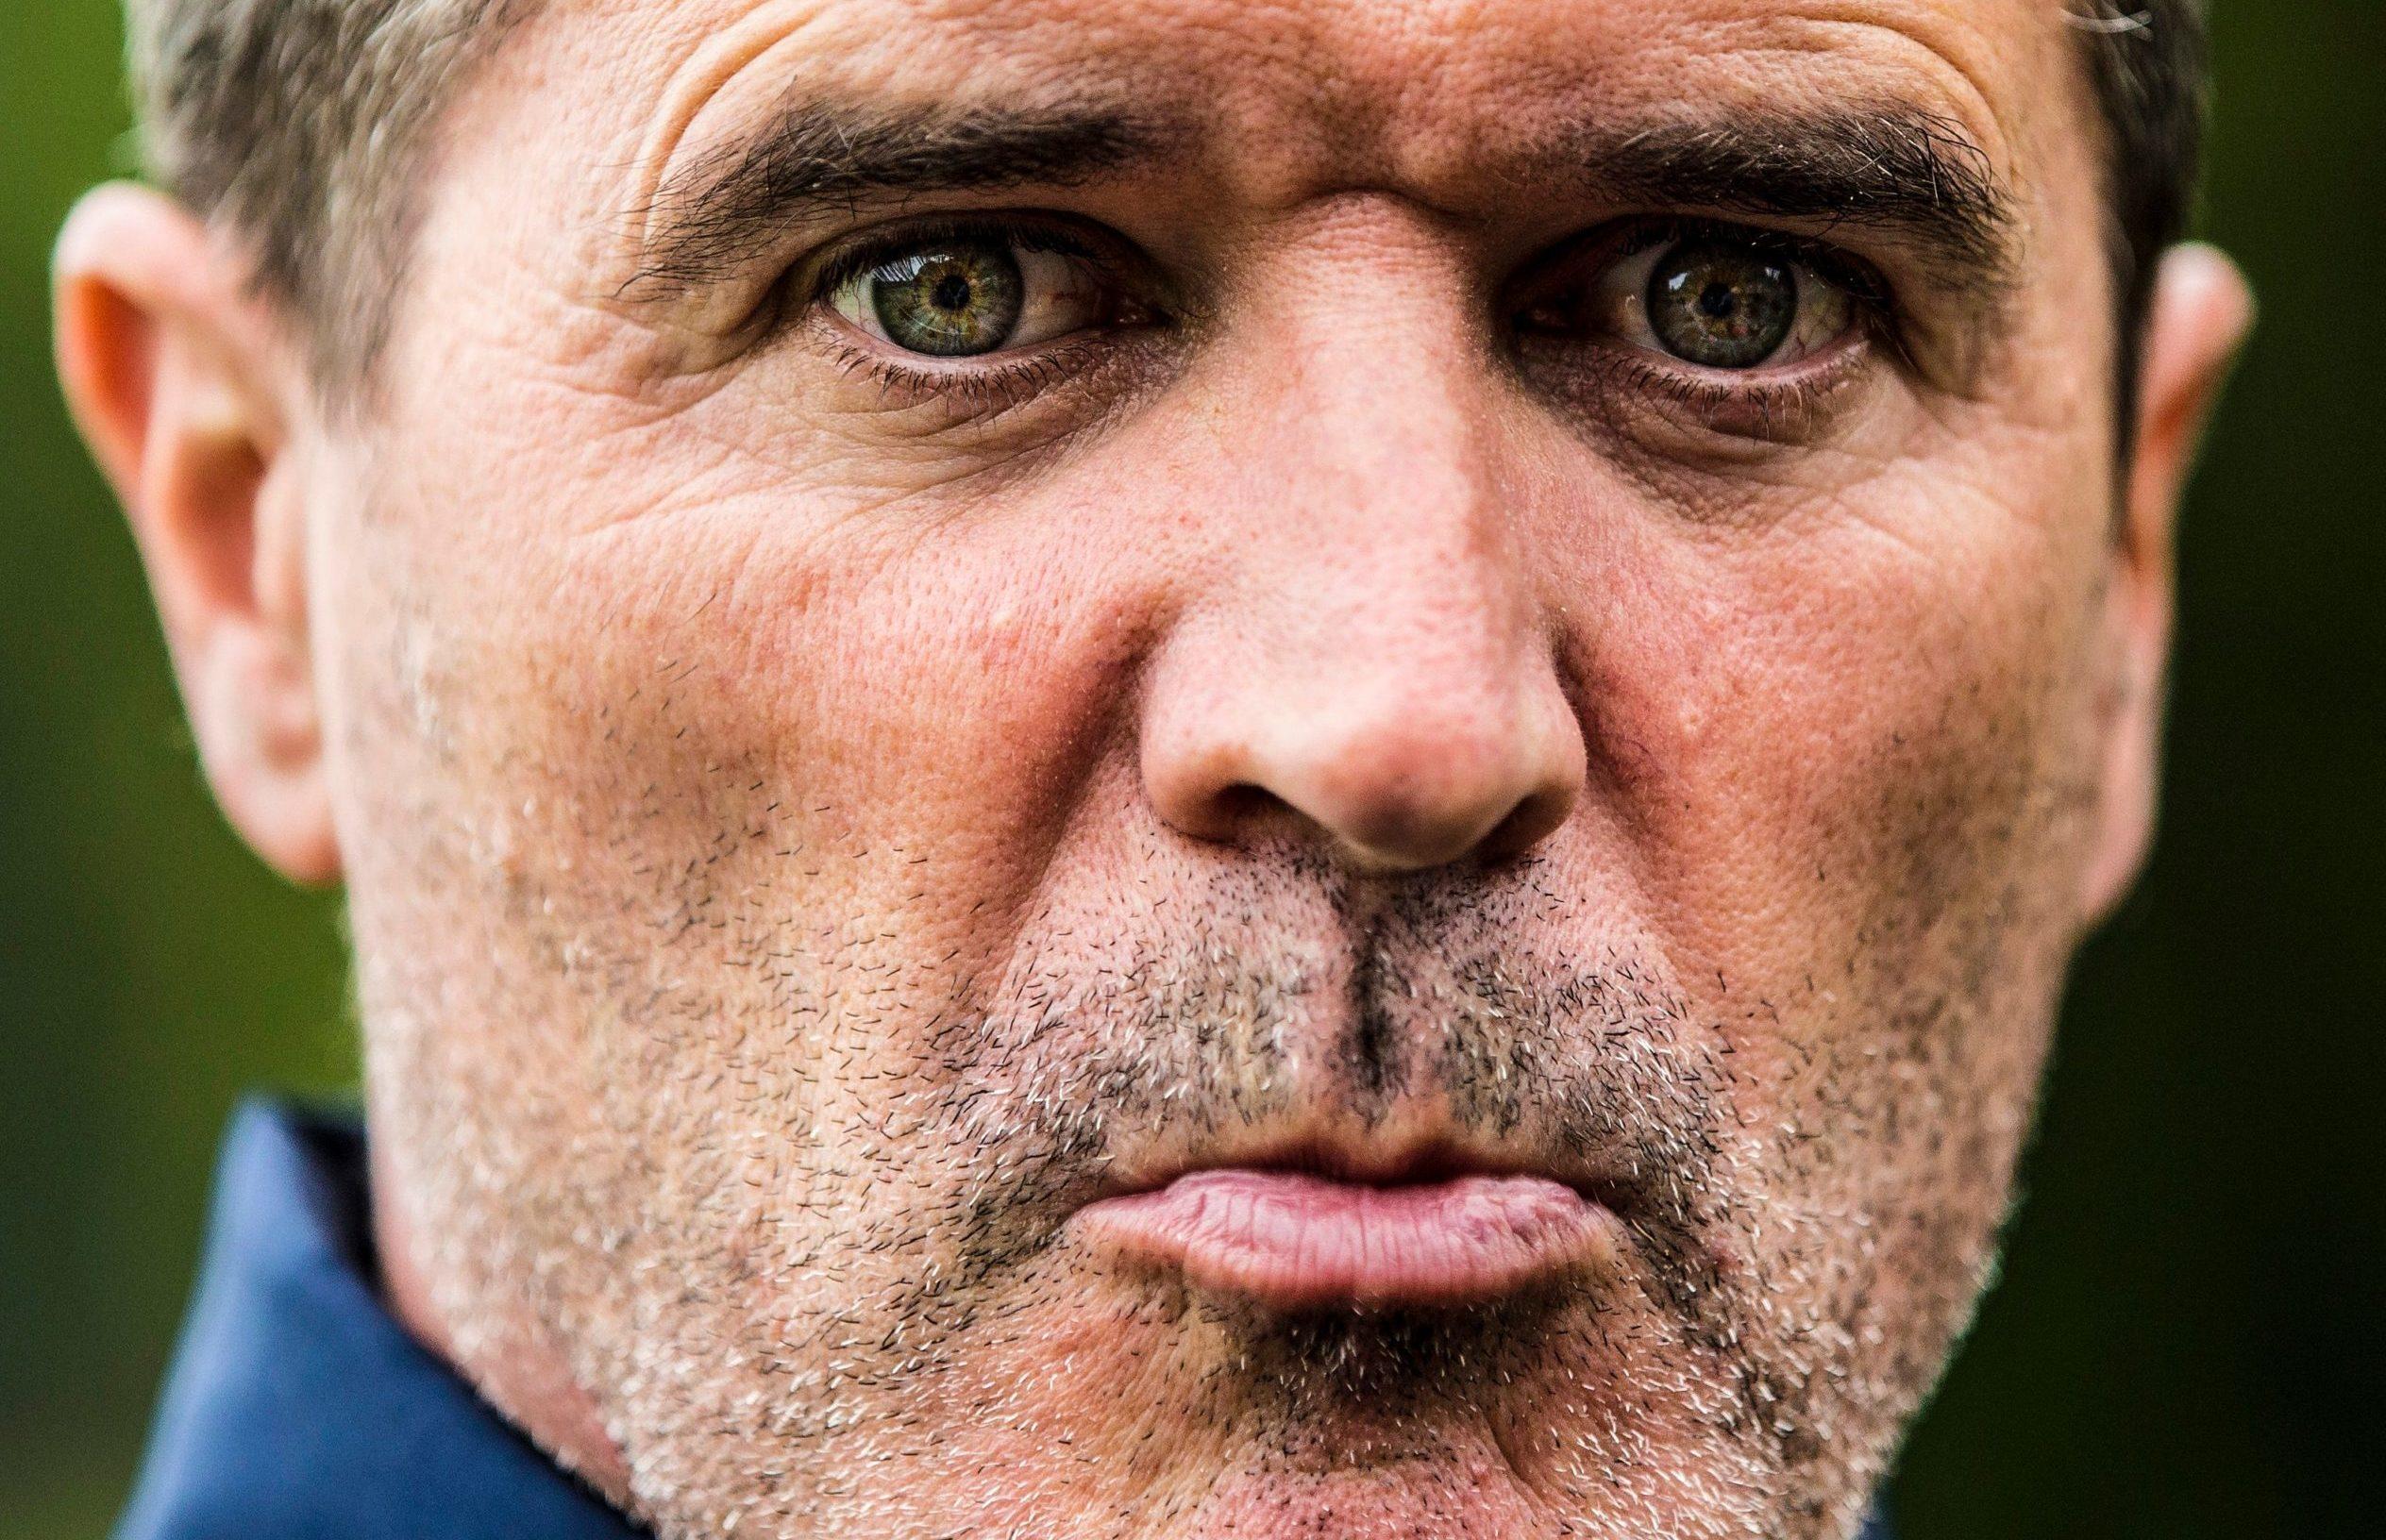 Roy Keane's approach is a world away from Jurgen Klopp's